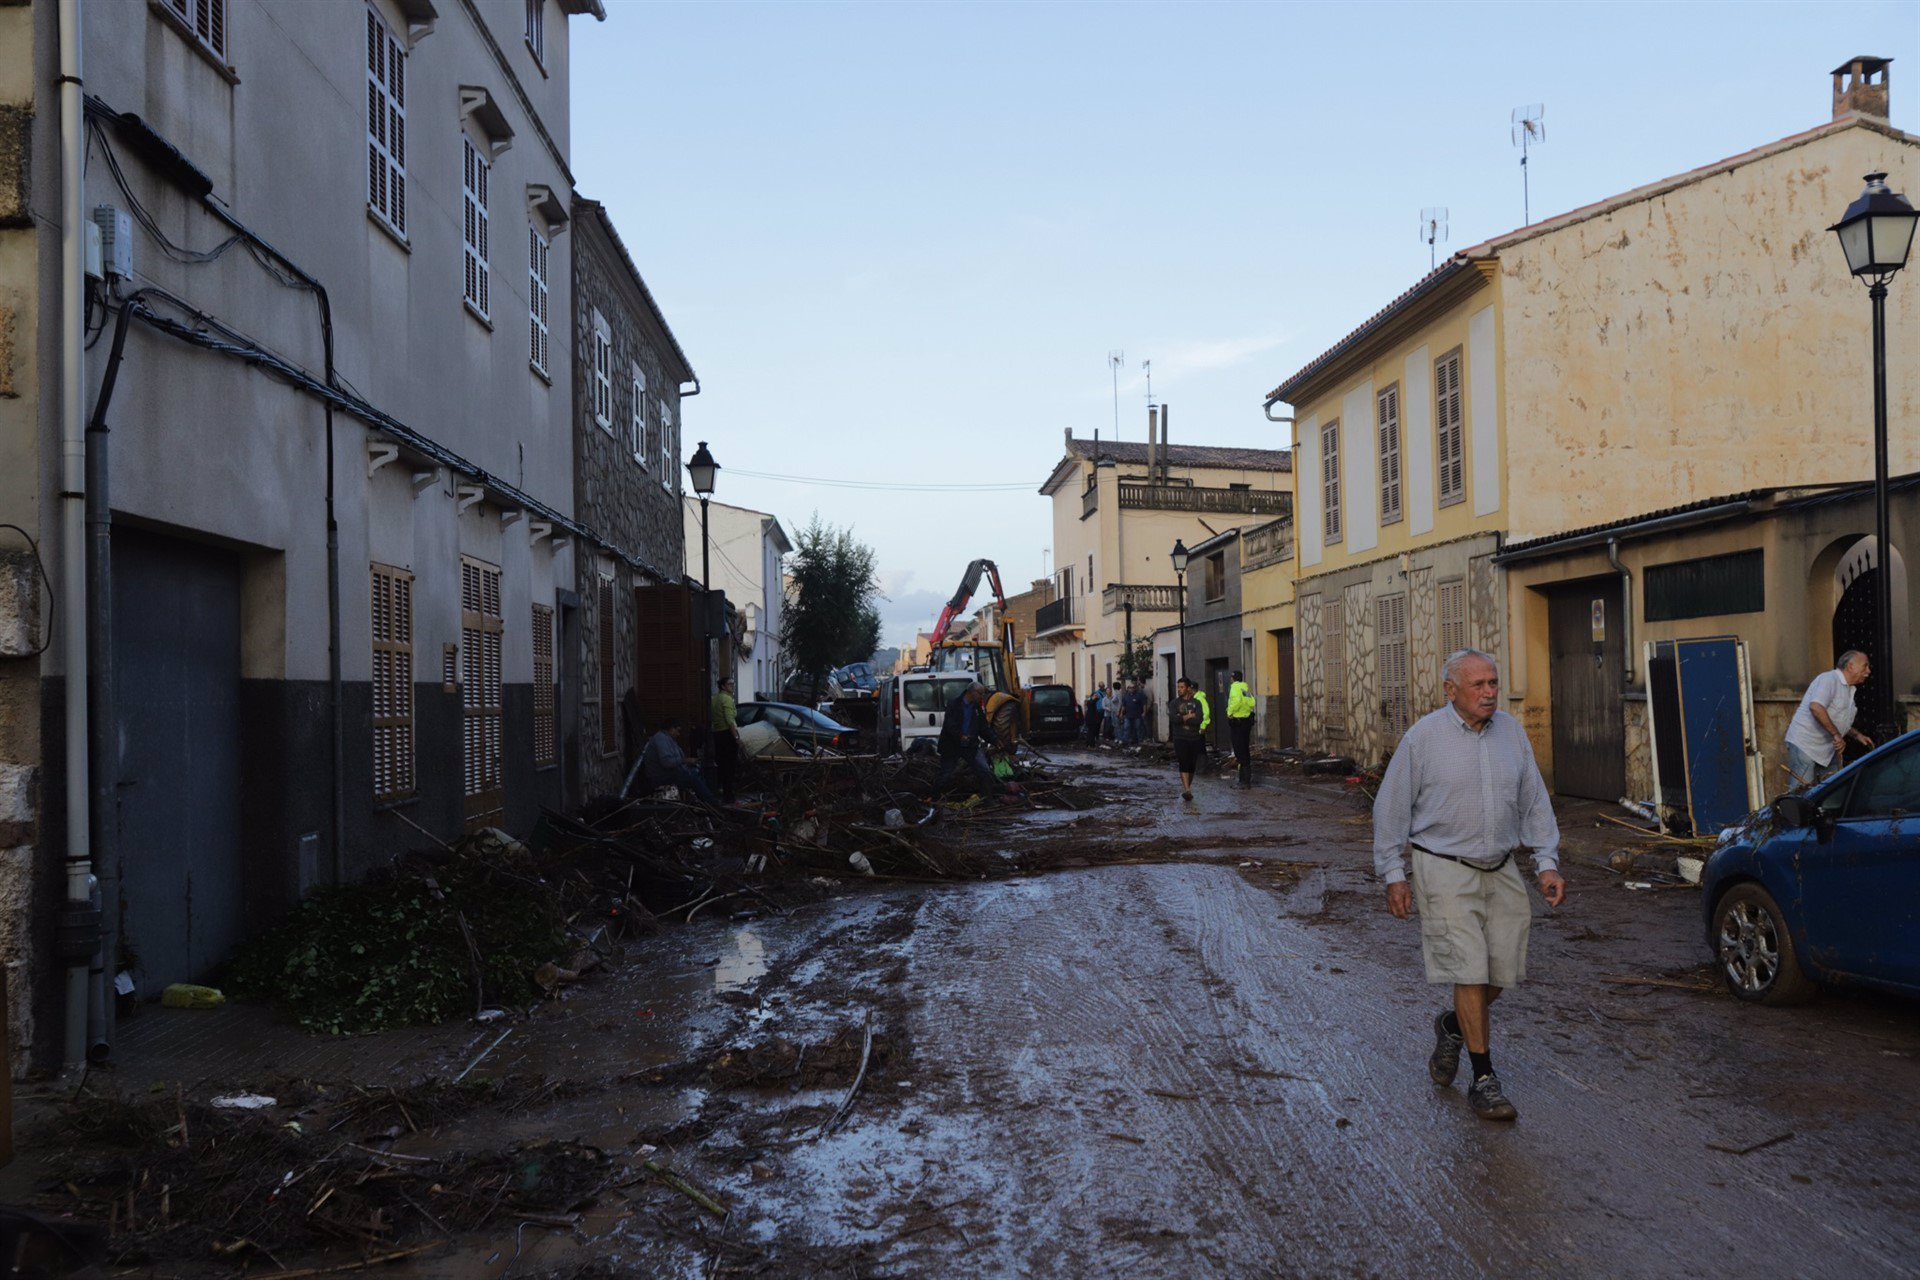 Expertos alertan del riesgo de haber desviado cauces para edificar, como ha ocurrido en Sant Llorenç